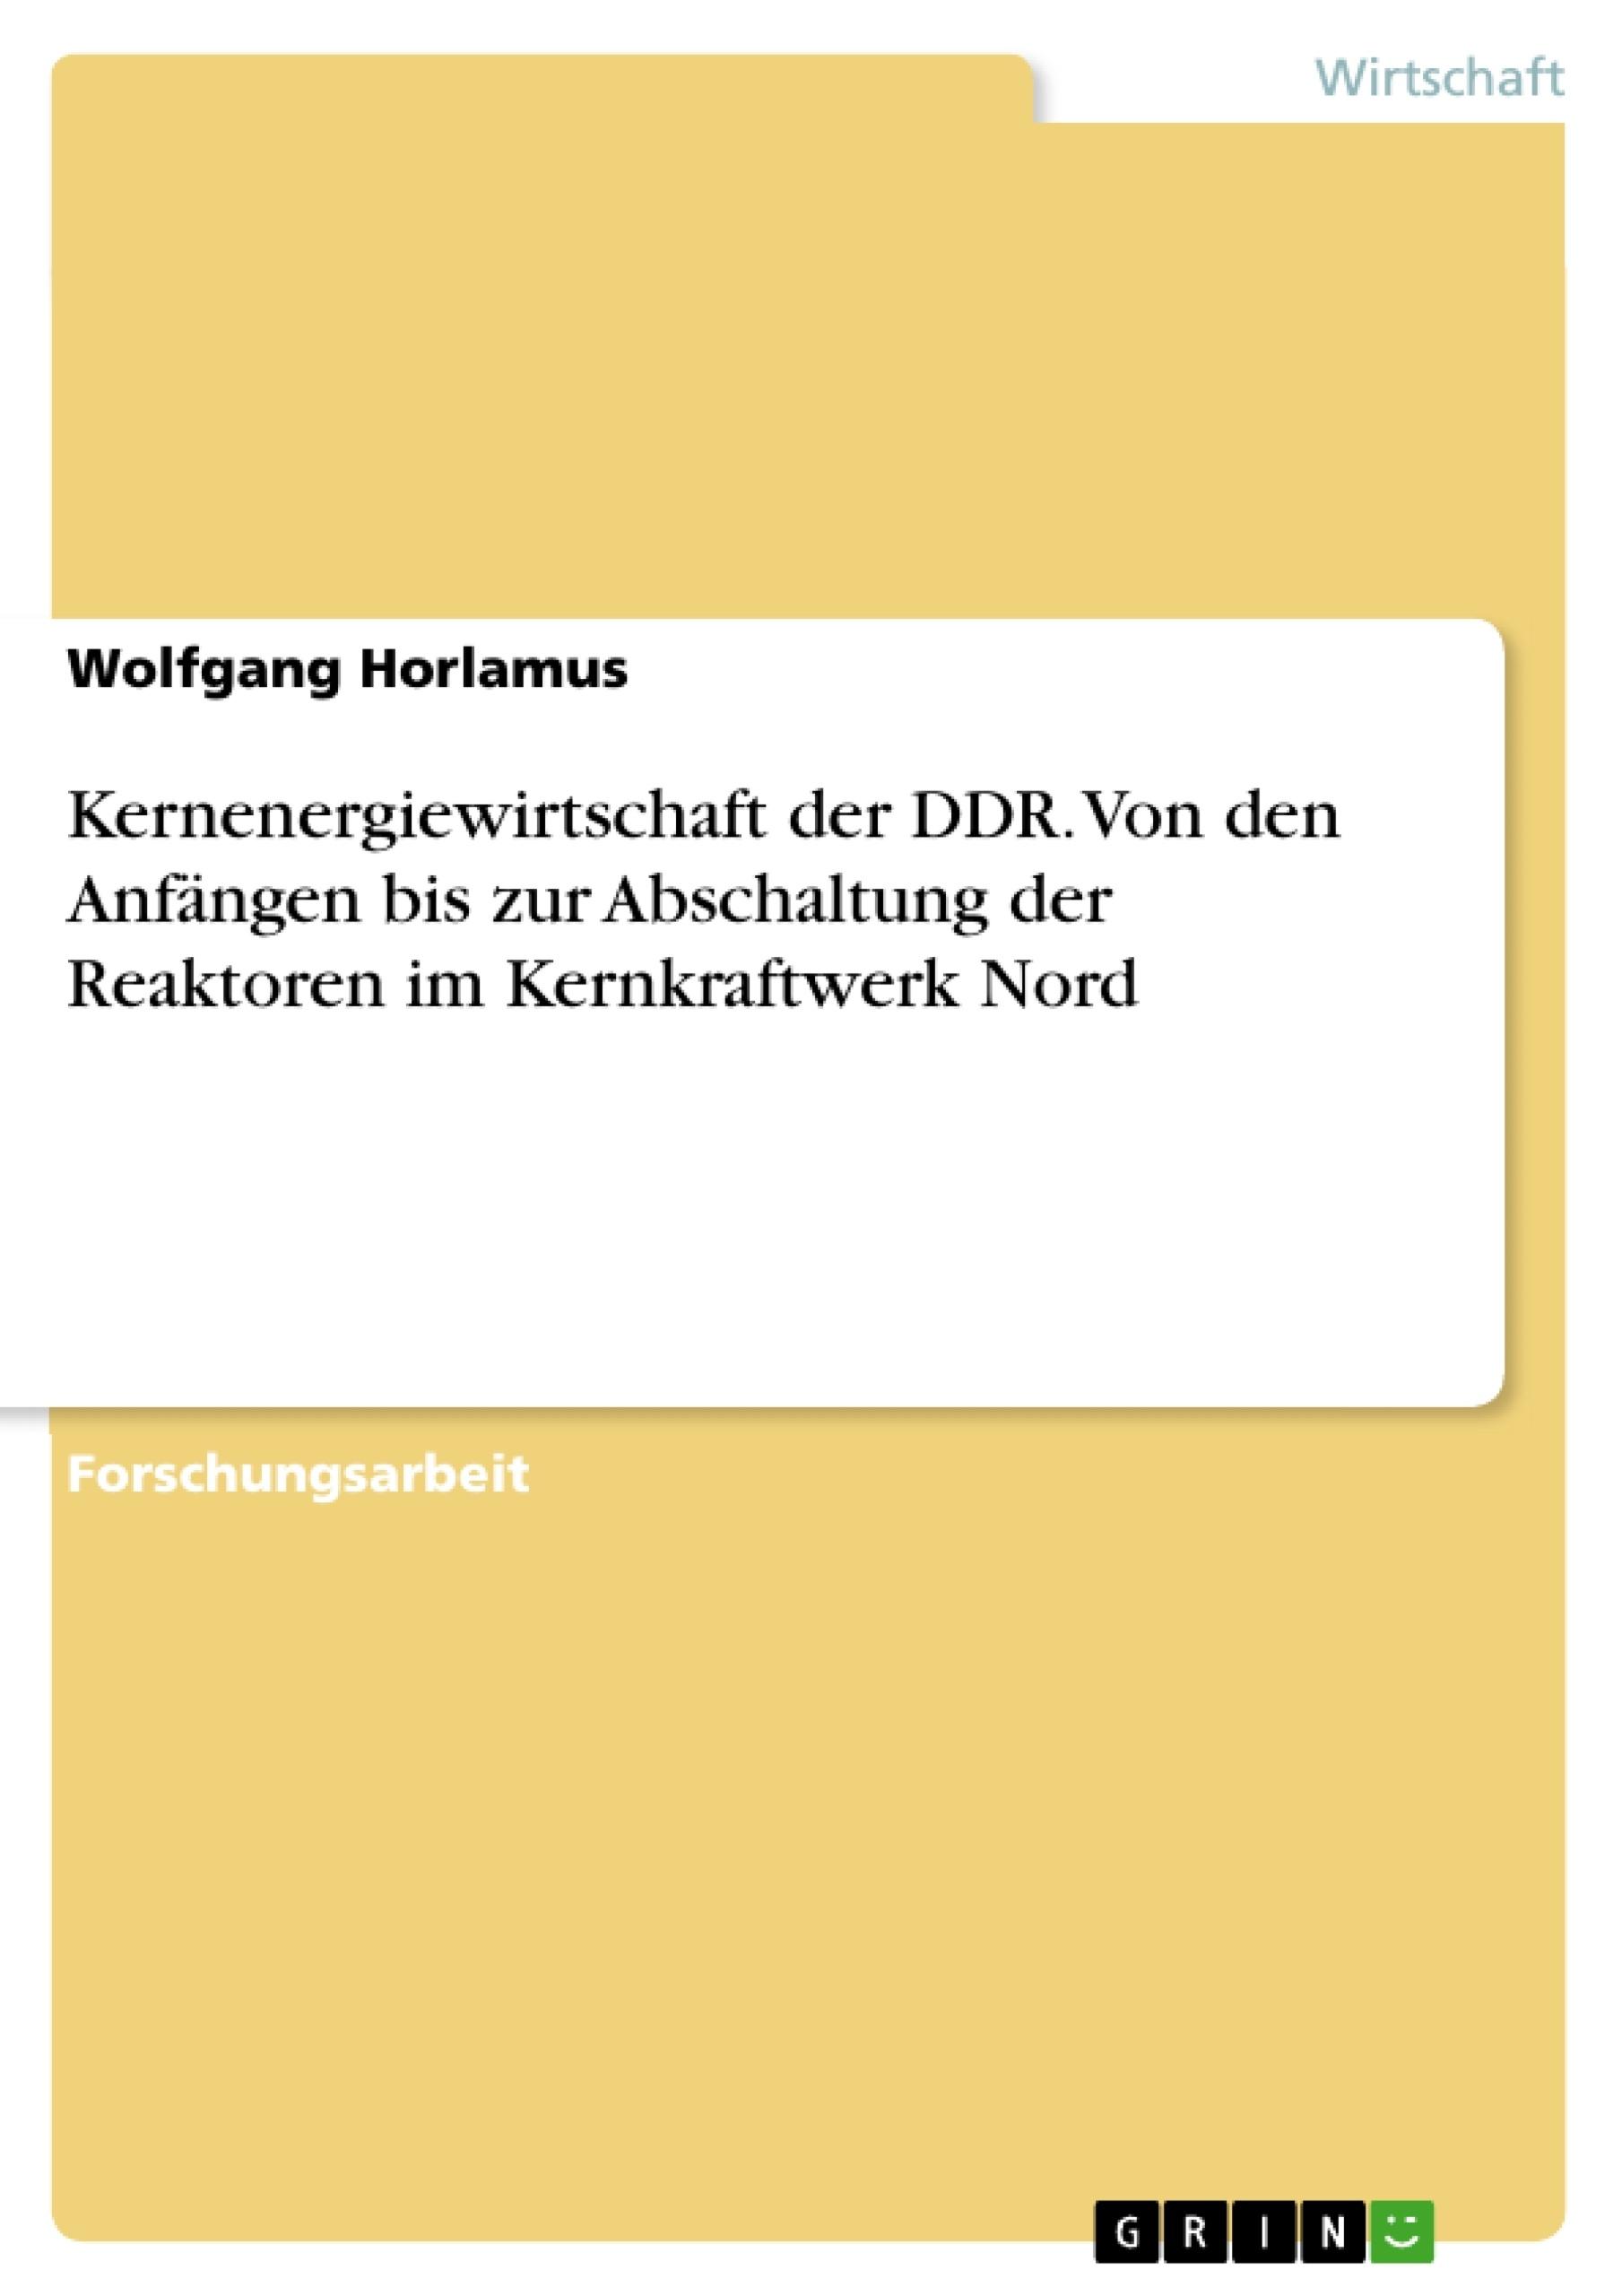 Titel: Kernenergiewirtschaft der DDR. Von den Anfängen bis zur Abschaltung der Reaktoren im Kernkraftwerk Nord